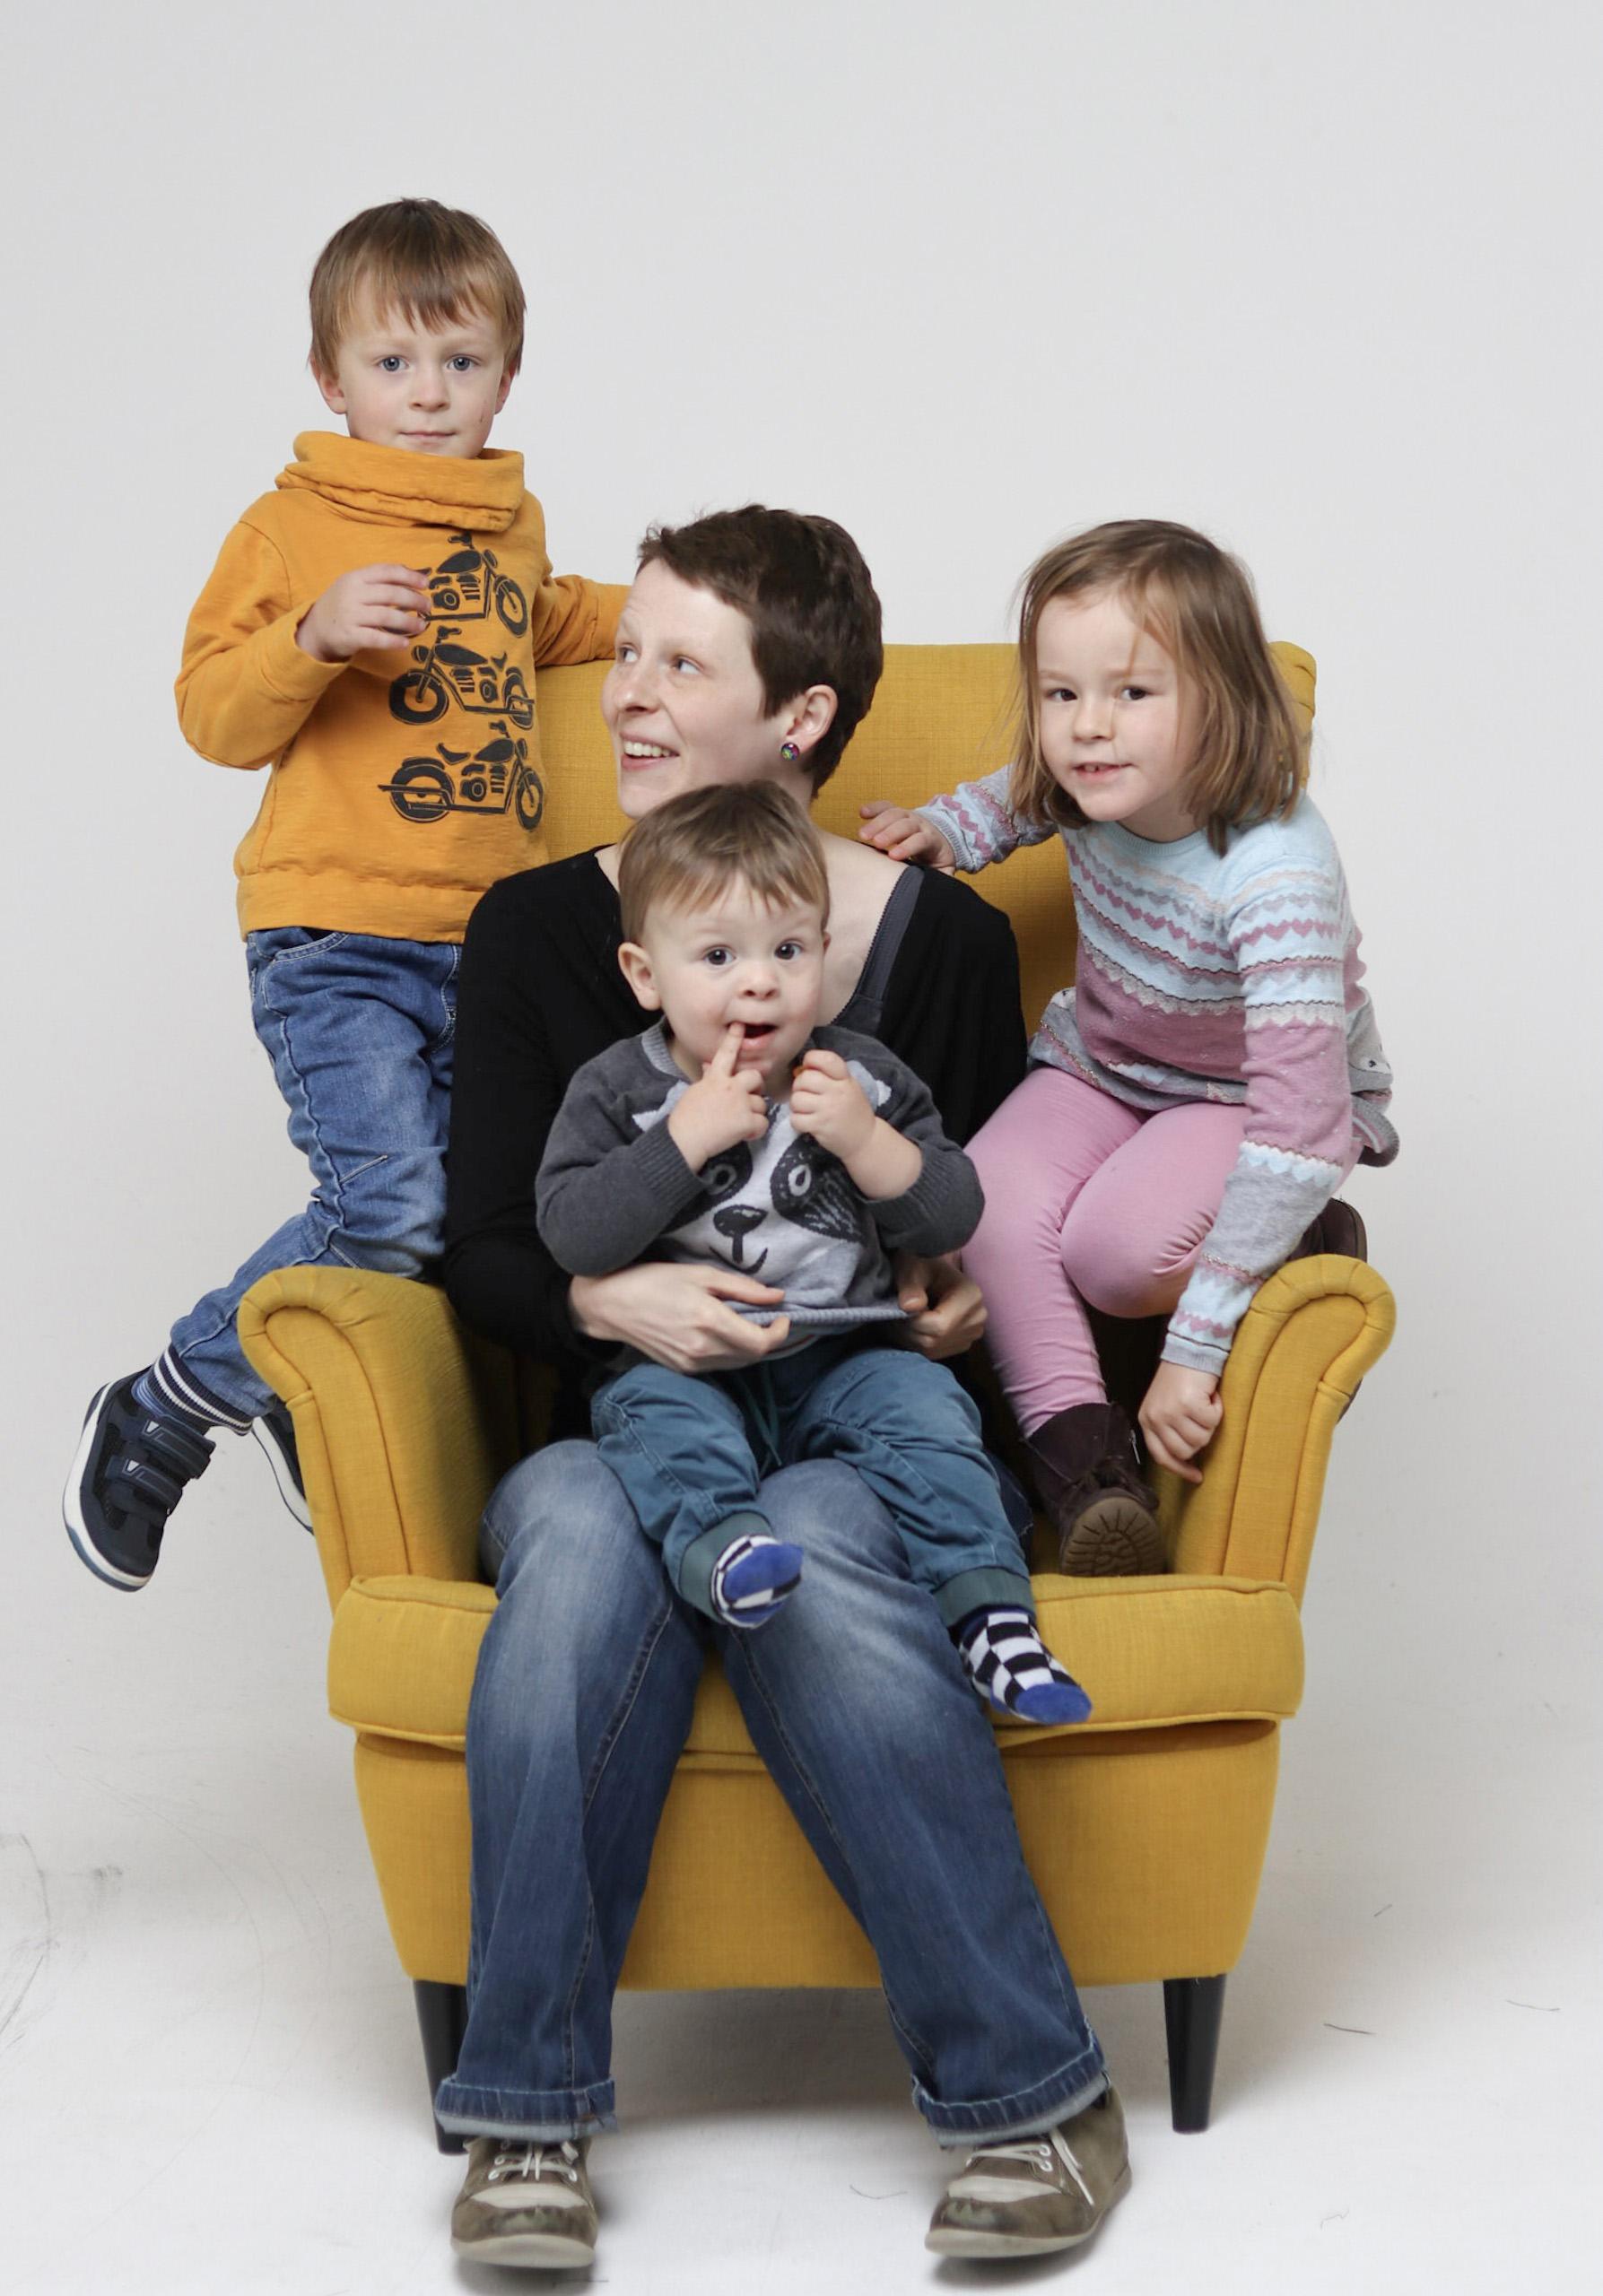 Mandy: Werde ich meine Kinder aufwachsen sehen?